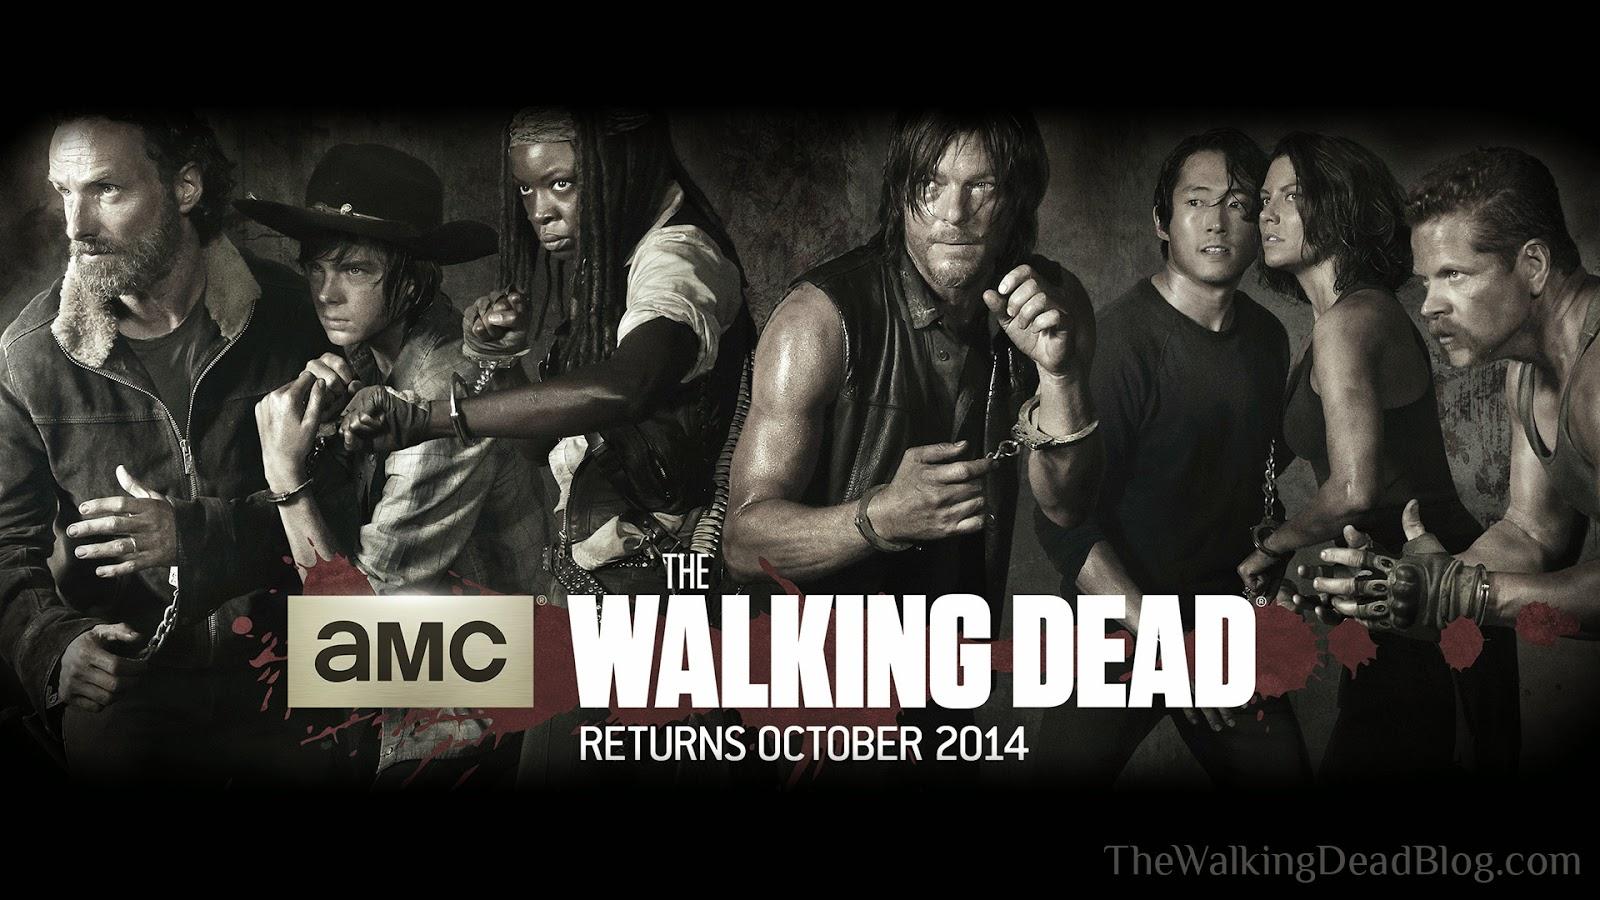 The Walking Dead Blog The Walking Dead Season 5 Wallpaper